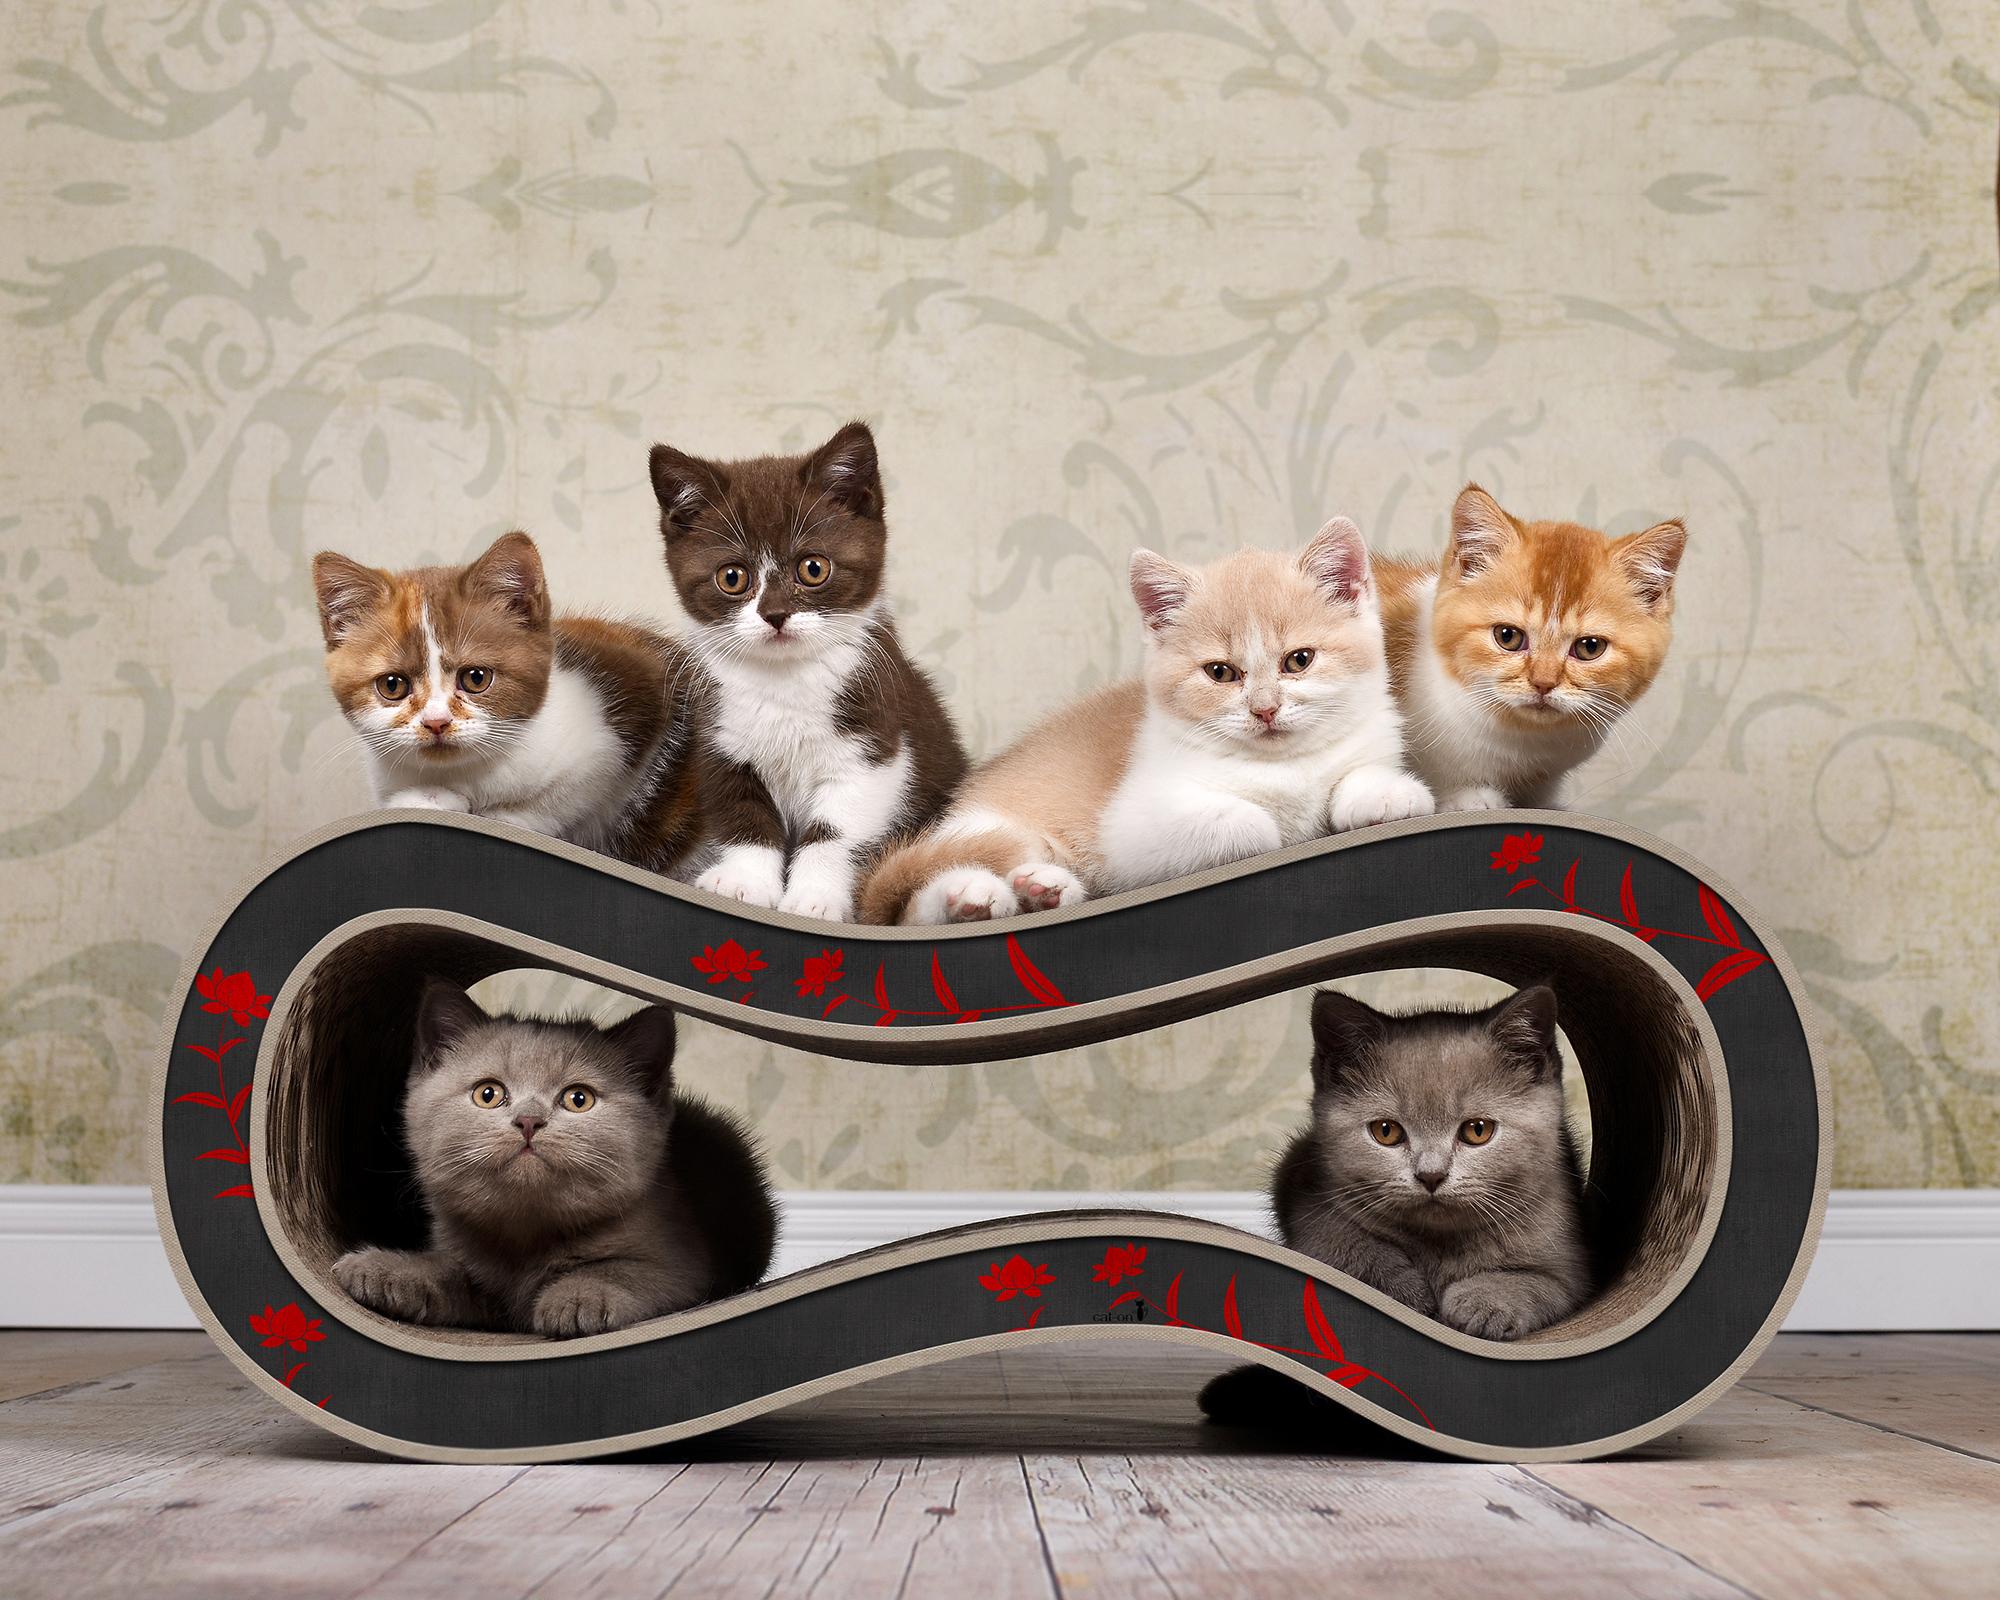 Design Katzenmöbel aus Wellpappe SIngha M - 008 schwarz,rot & beige